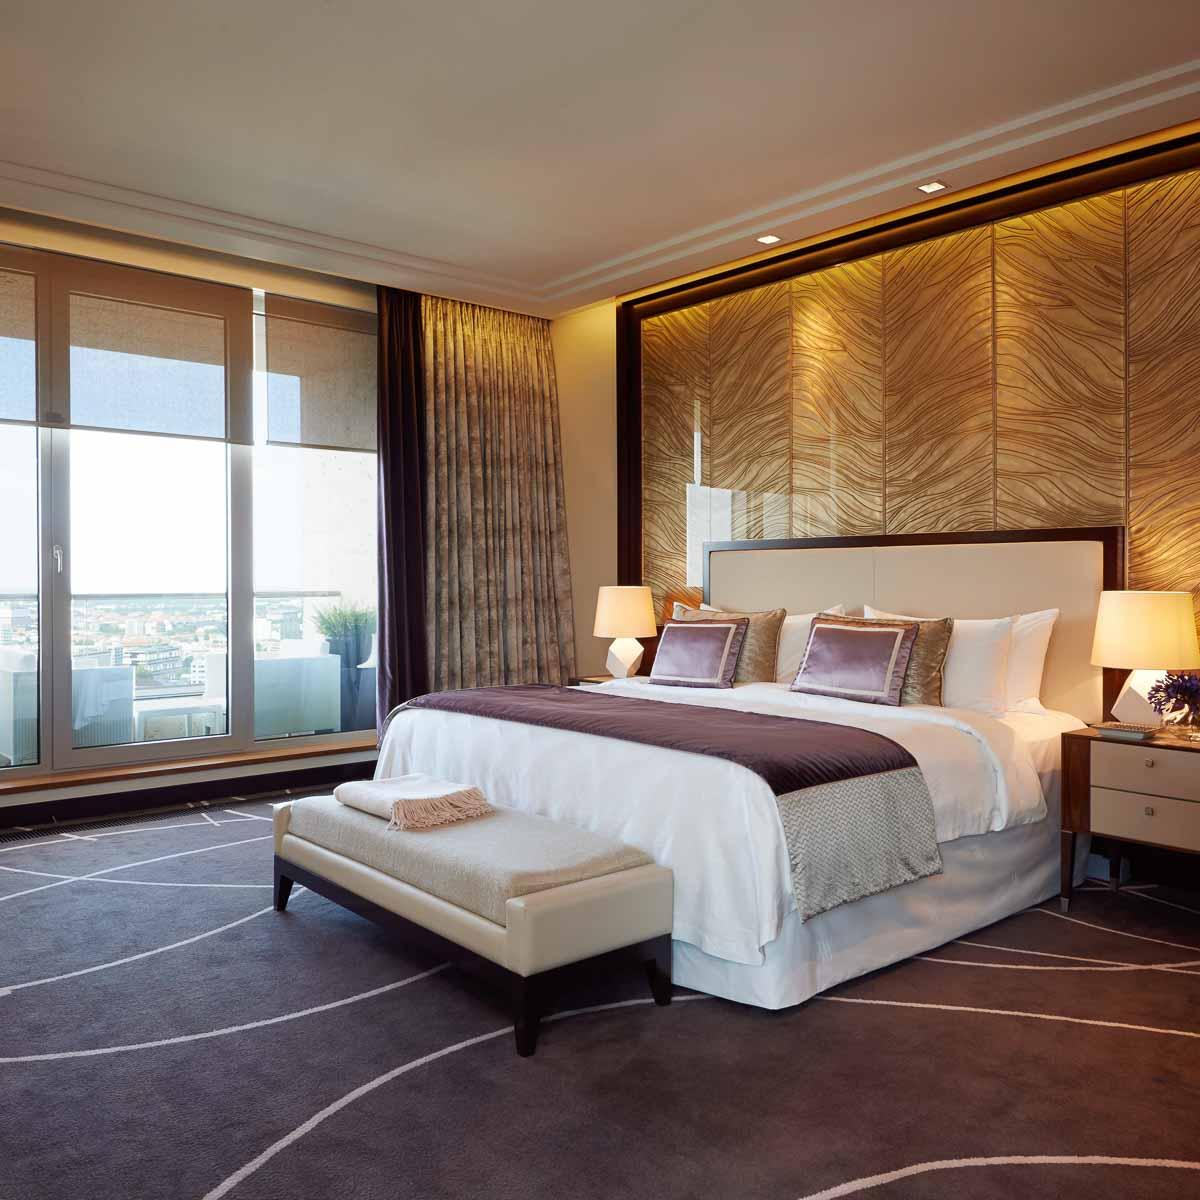 Luxus Hotel Waldorf Astoria Berlin Schlafzimmer